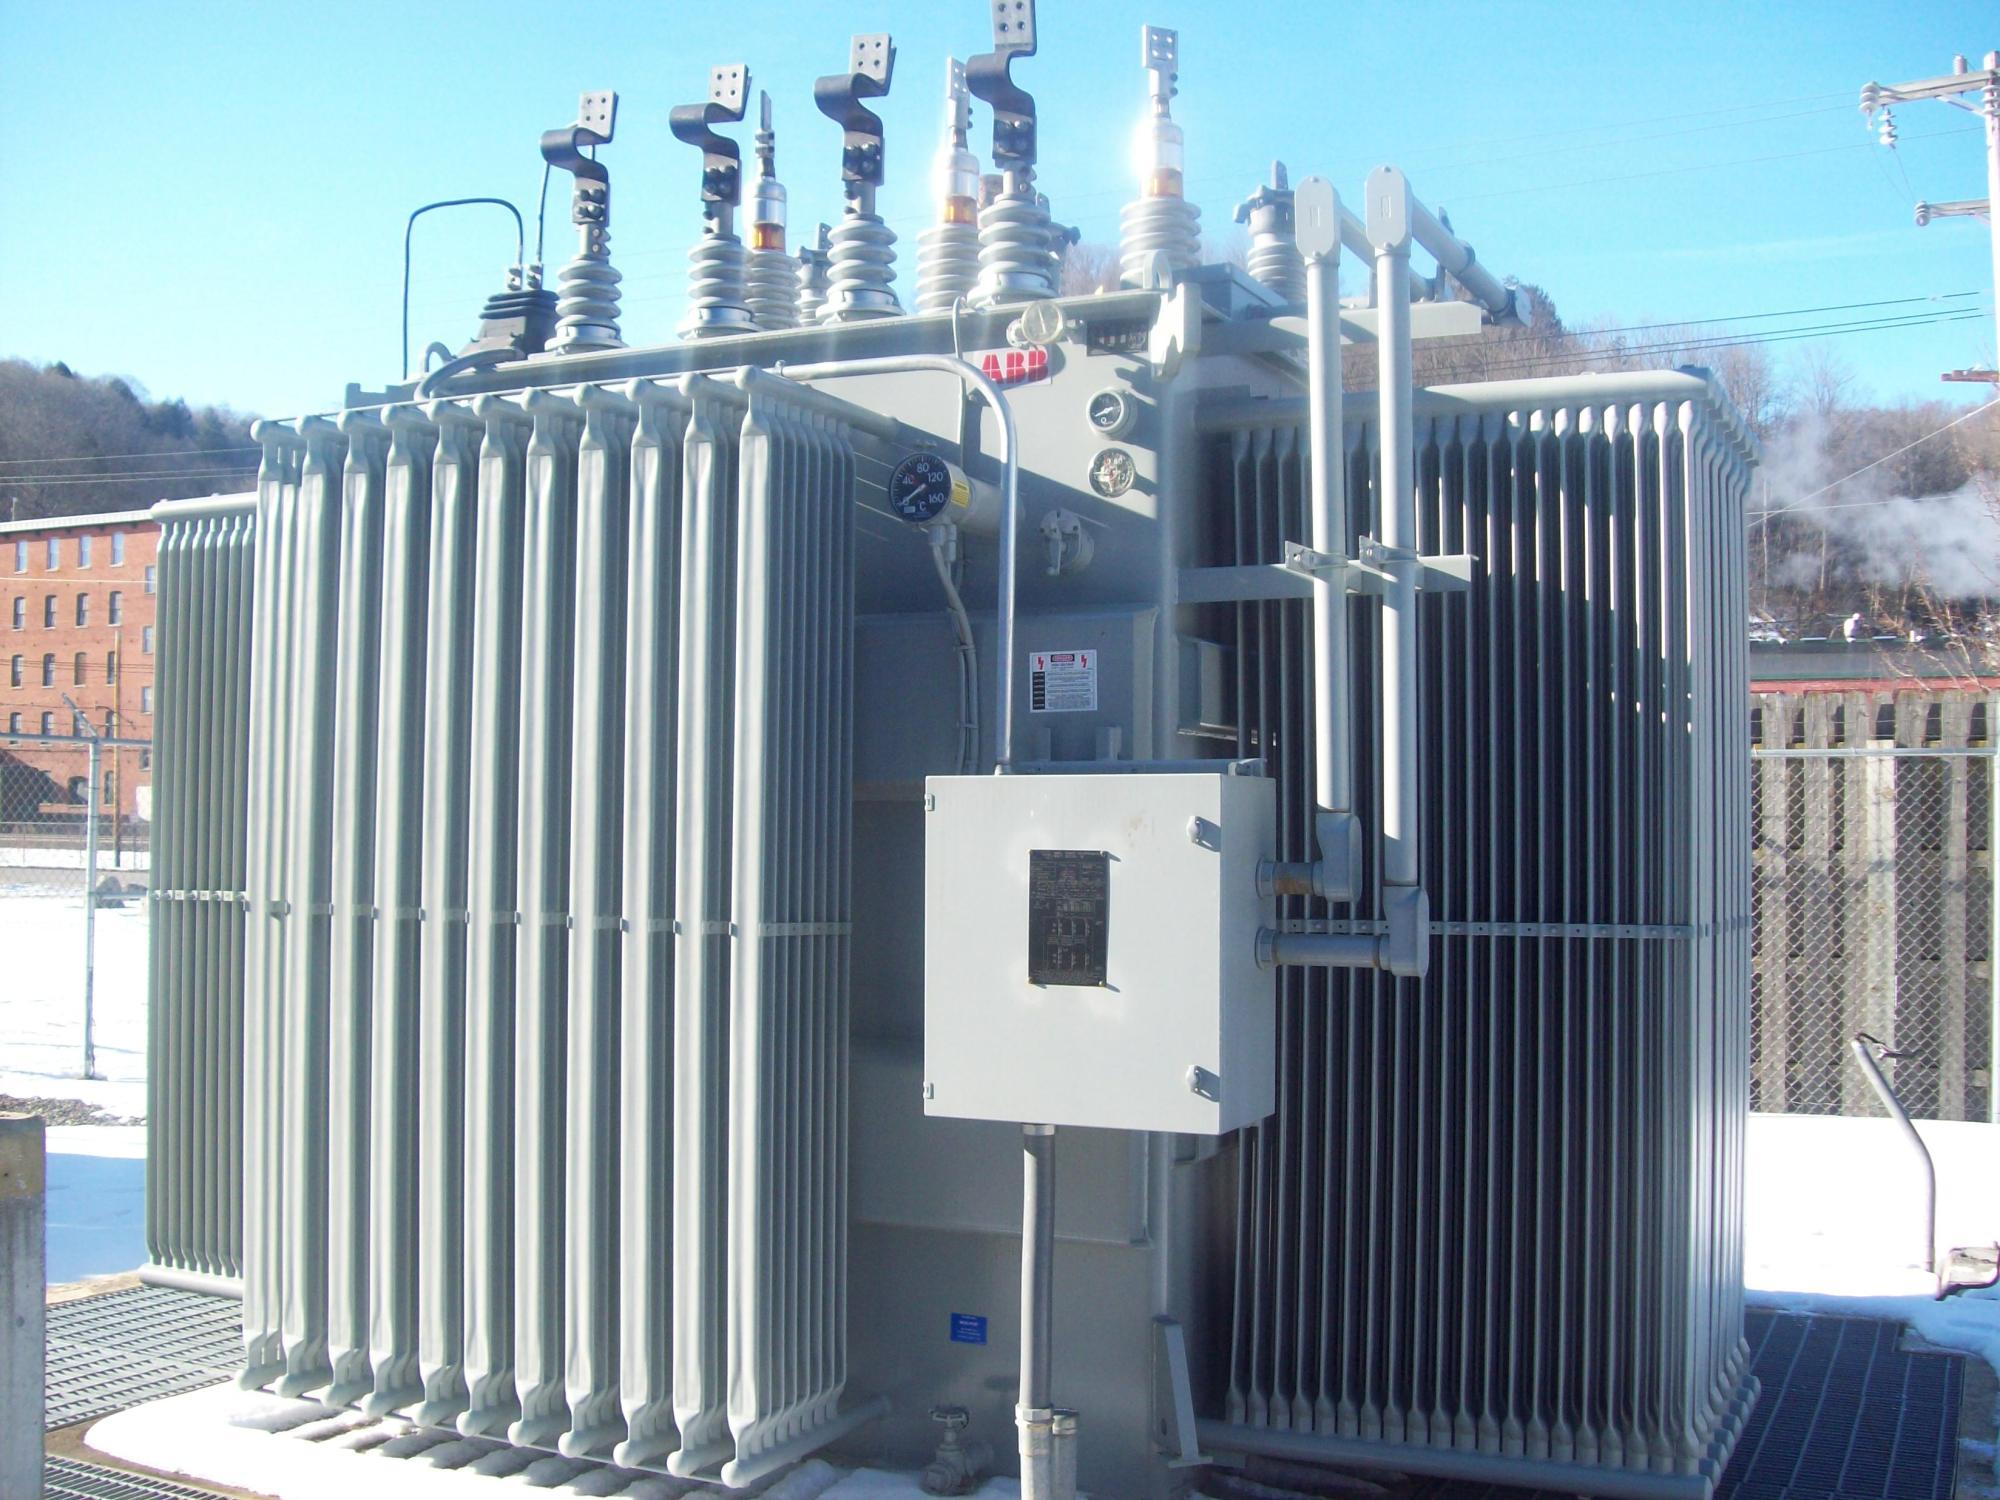 hight resolution of abb small power transformer 7500 8400 kva abb substation transformer mfd 2007